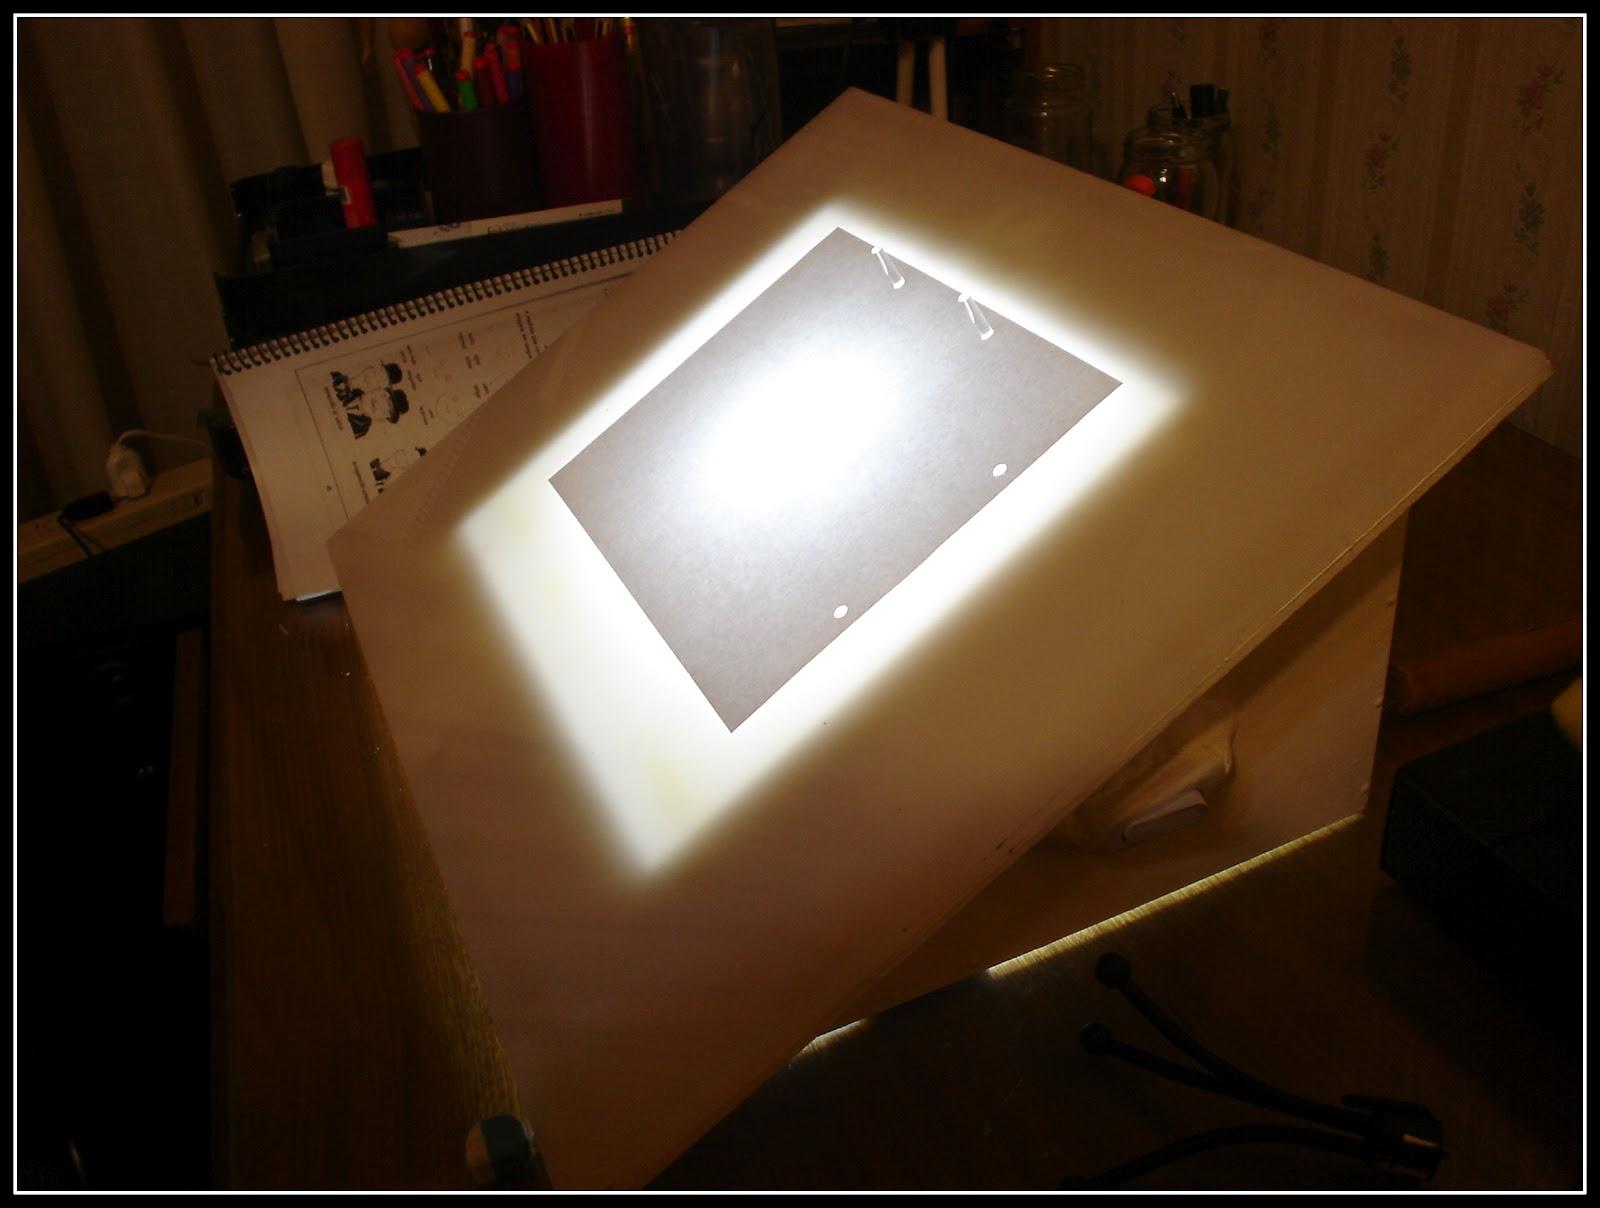 C mo constru r una mesa para calcar dibujo tattoo identi - Mesa de calcar ikea ...